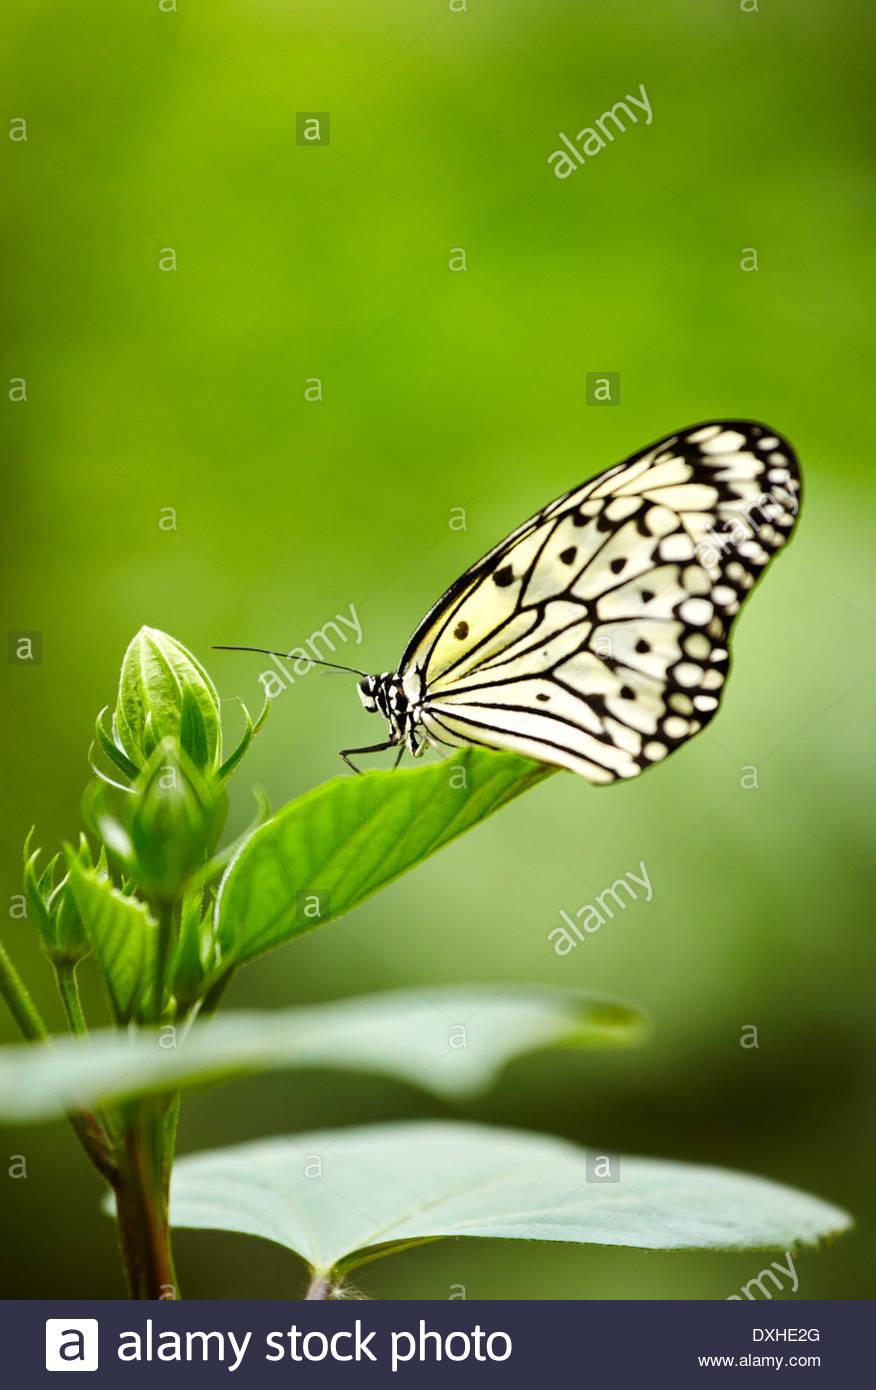 le cerf volant de papier papier de riz ou grand arbre nymphe idee leuconoe papillon le jardin des papillons hunawihr haut rhin lalsace france dxhe2g